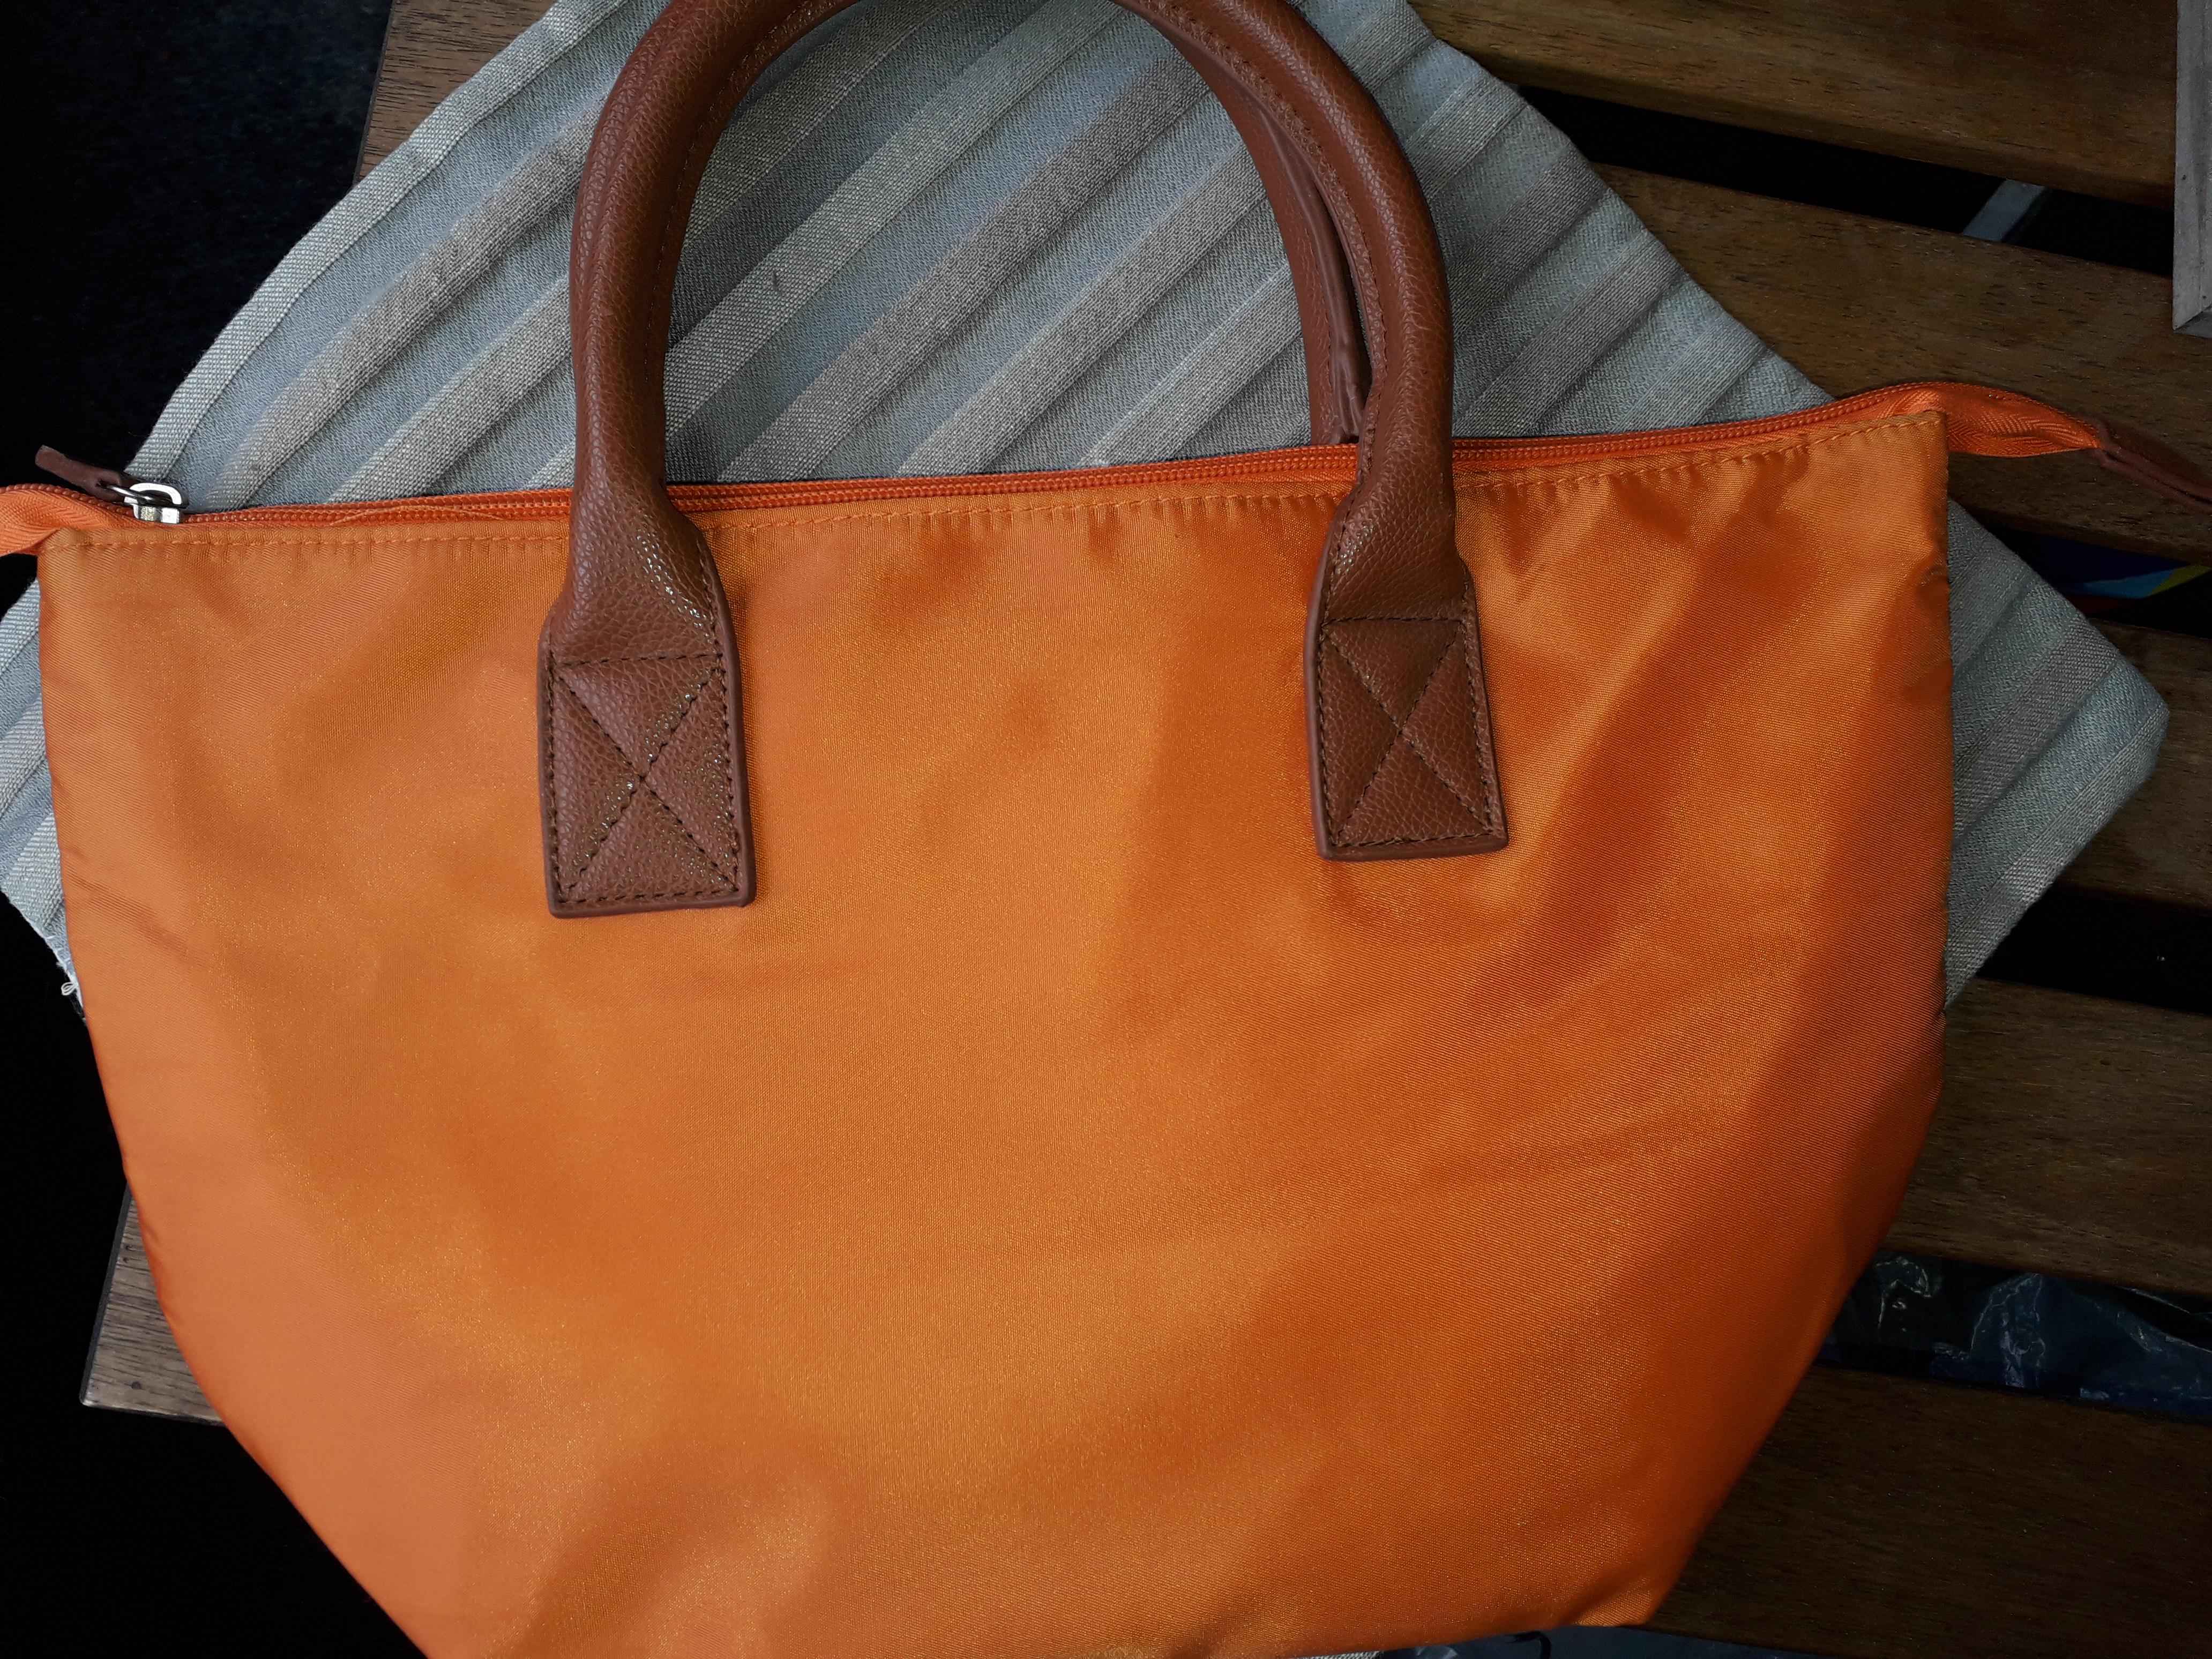 Tasche orange tauschen